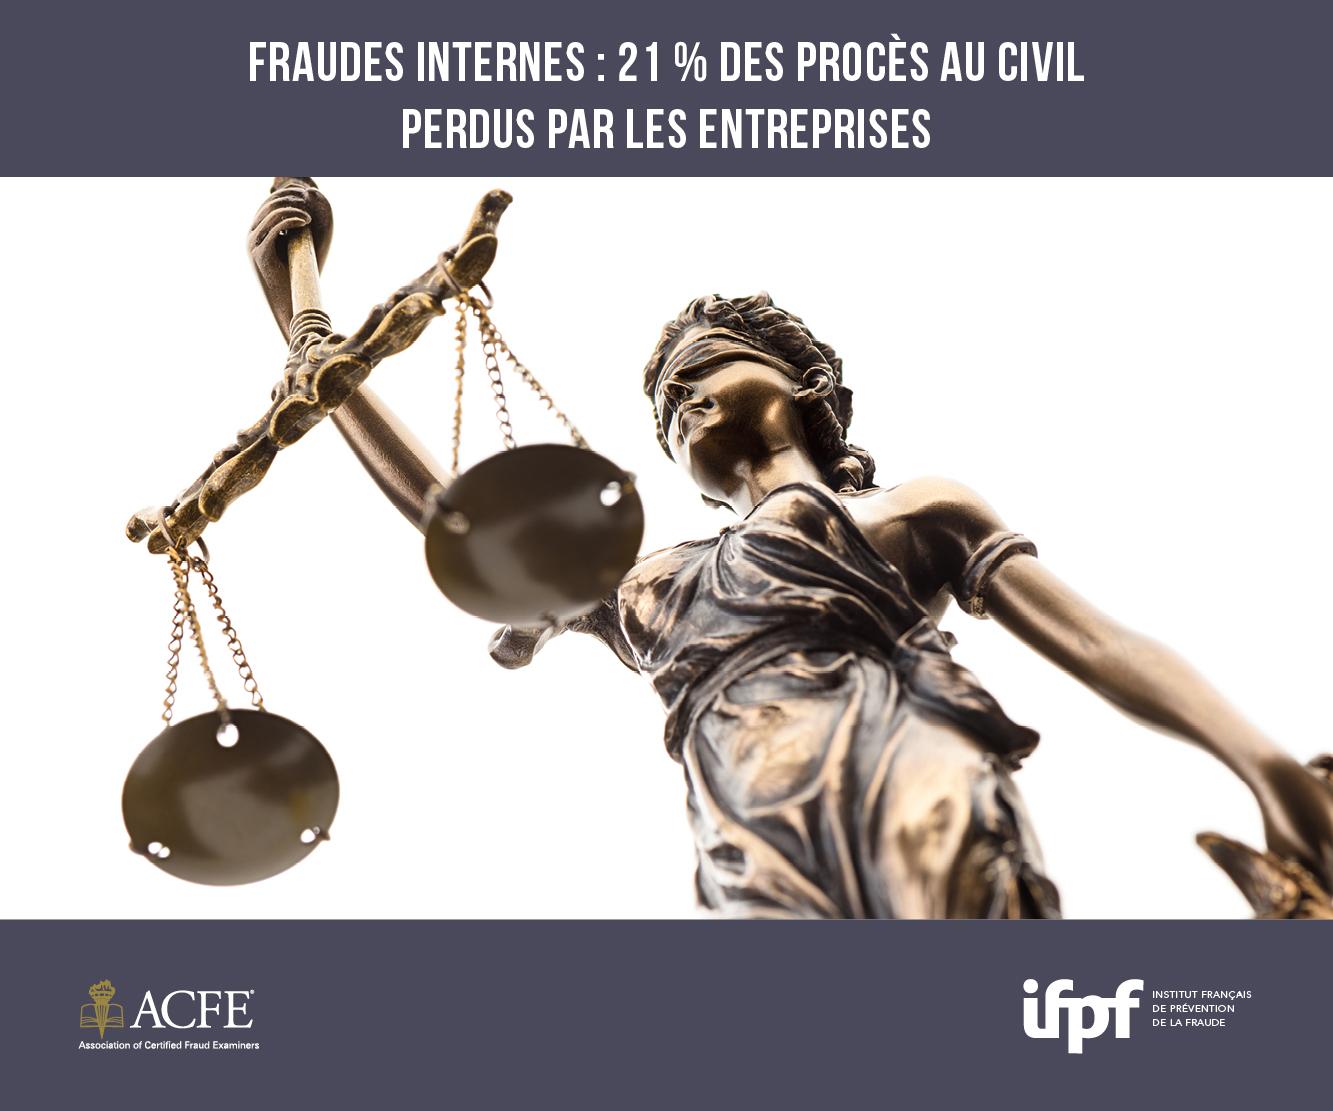 Les entreprises ont perdu leurs procès au civil contre les fraudeurs internes dans plus de 21% des cas